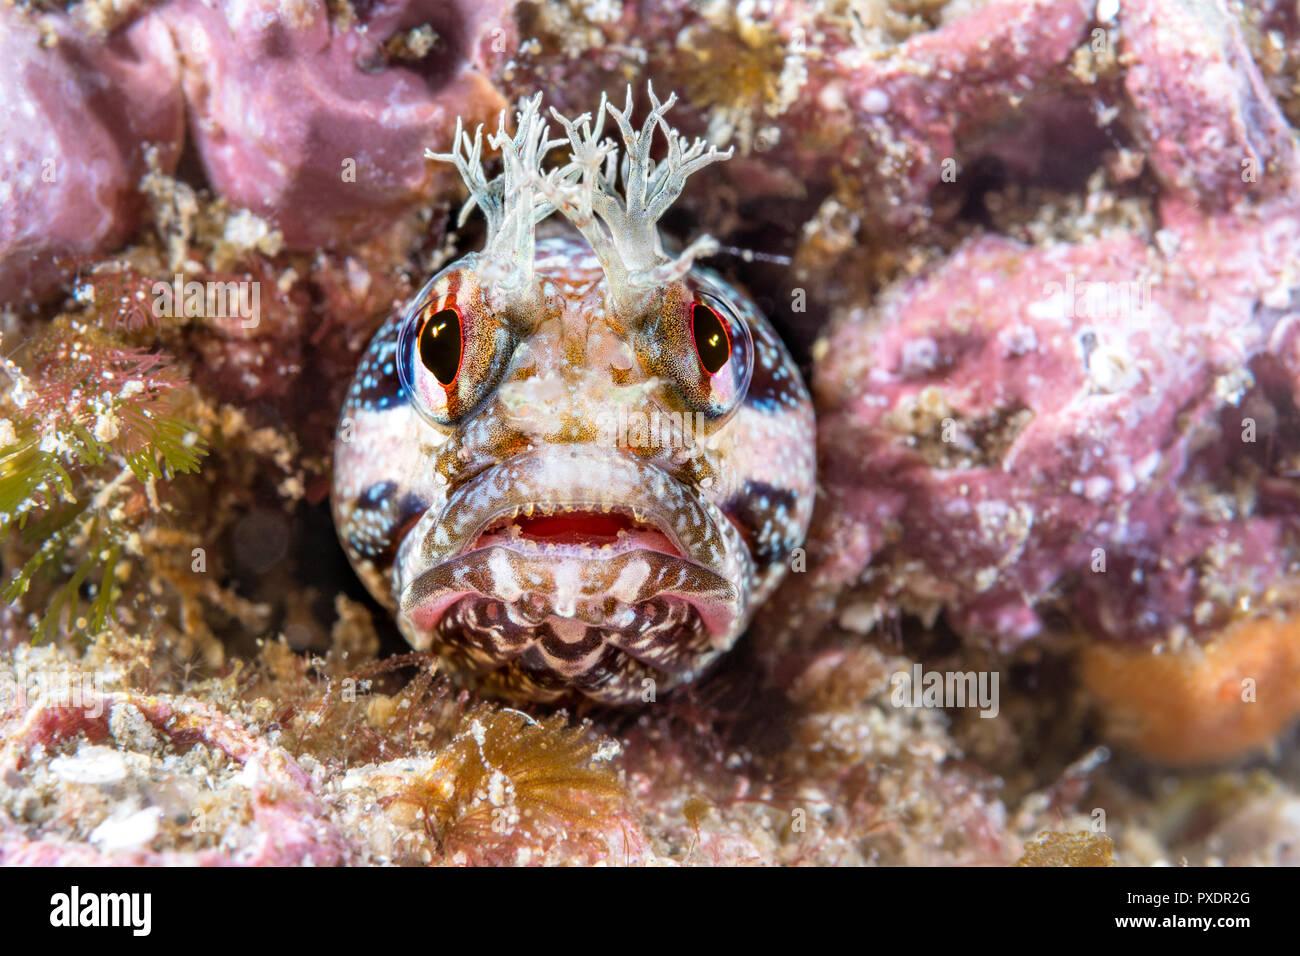 Une petite frange rouge blennies tête scrutant d'un petit tube pour lequel le poisson vit. Photo Stock